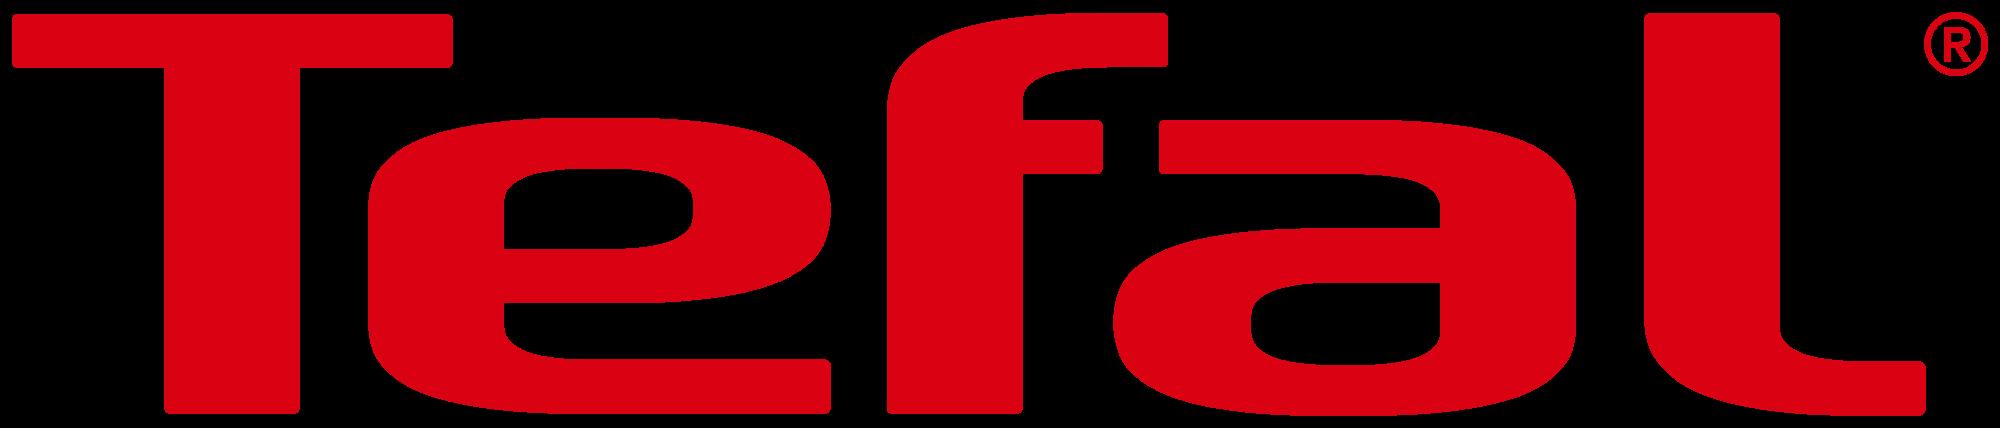 Tefal_logo-svg